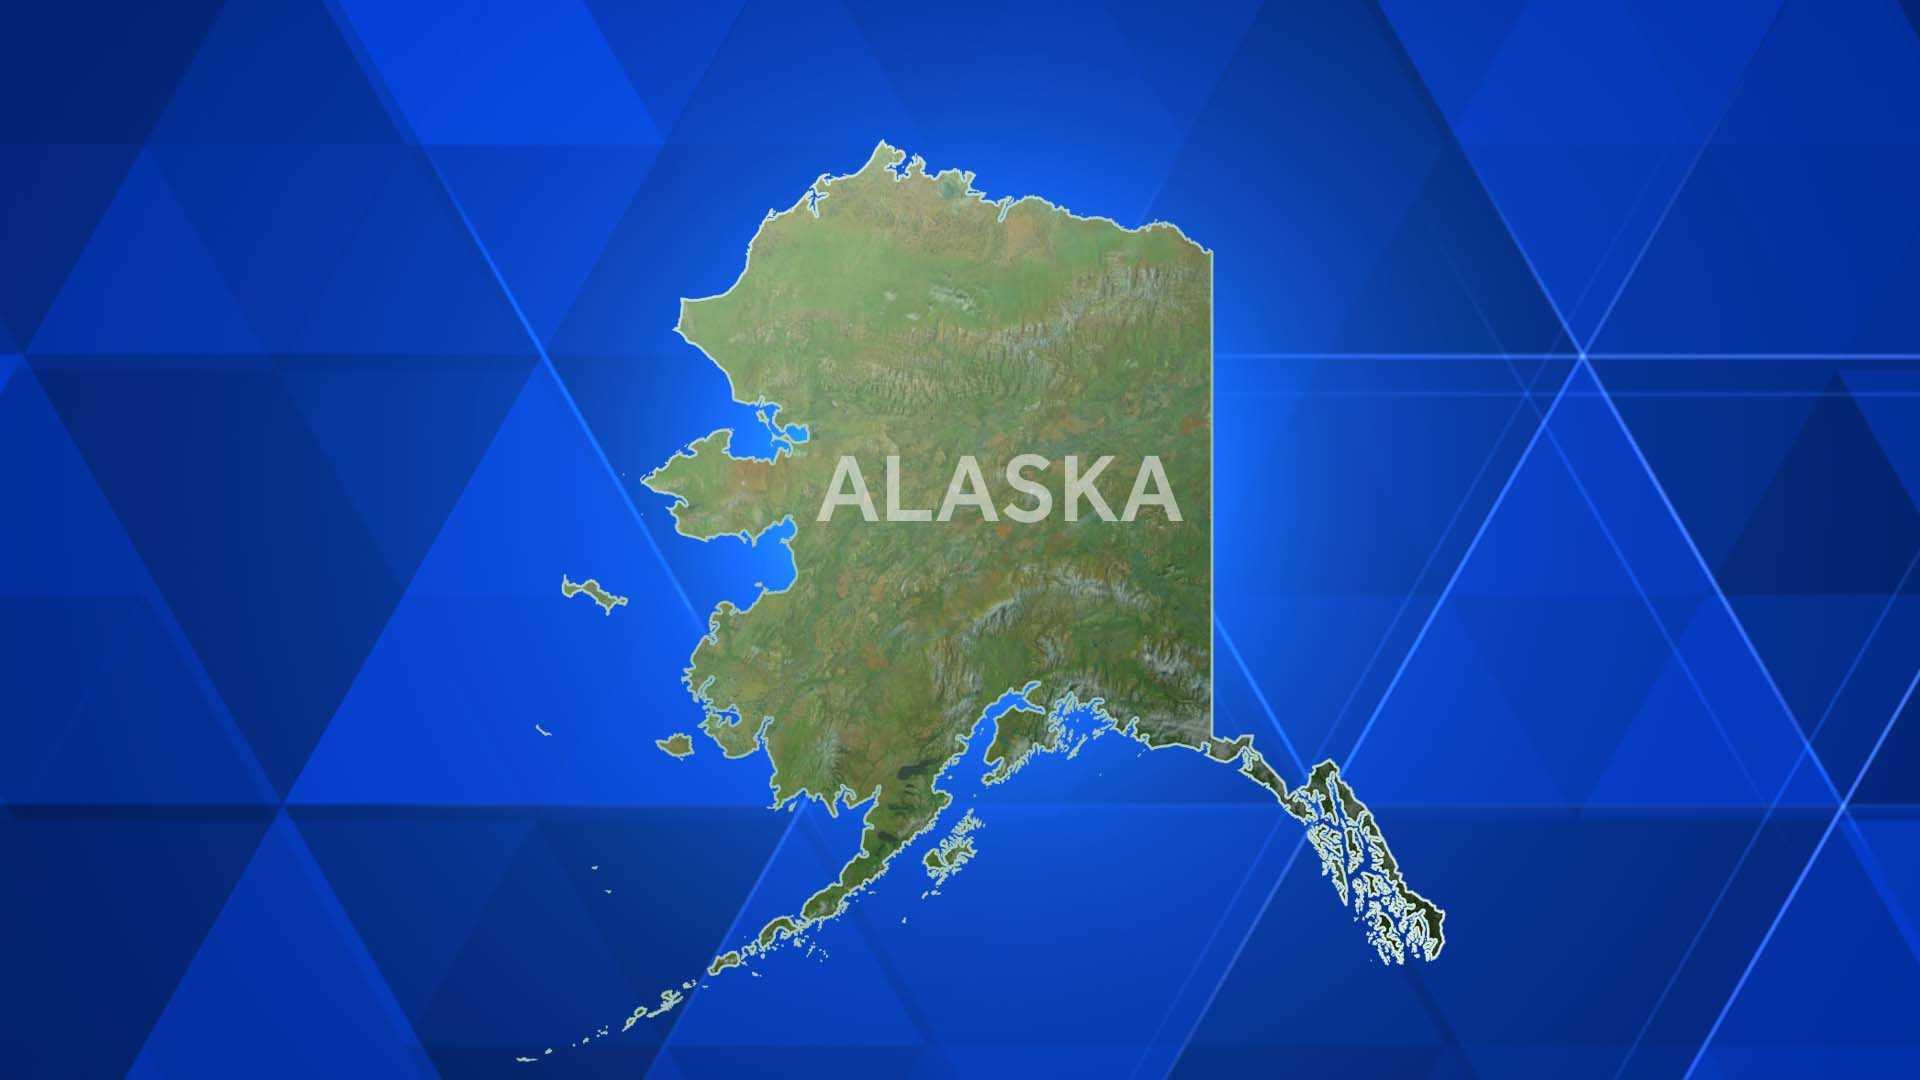 Alaskan well leaking gas